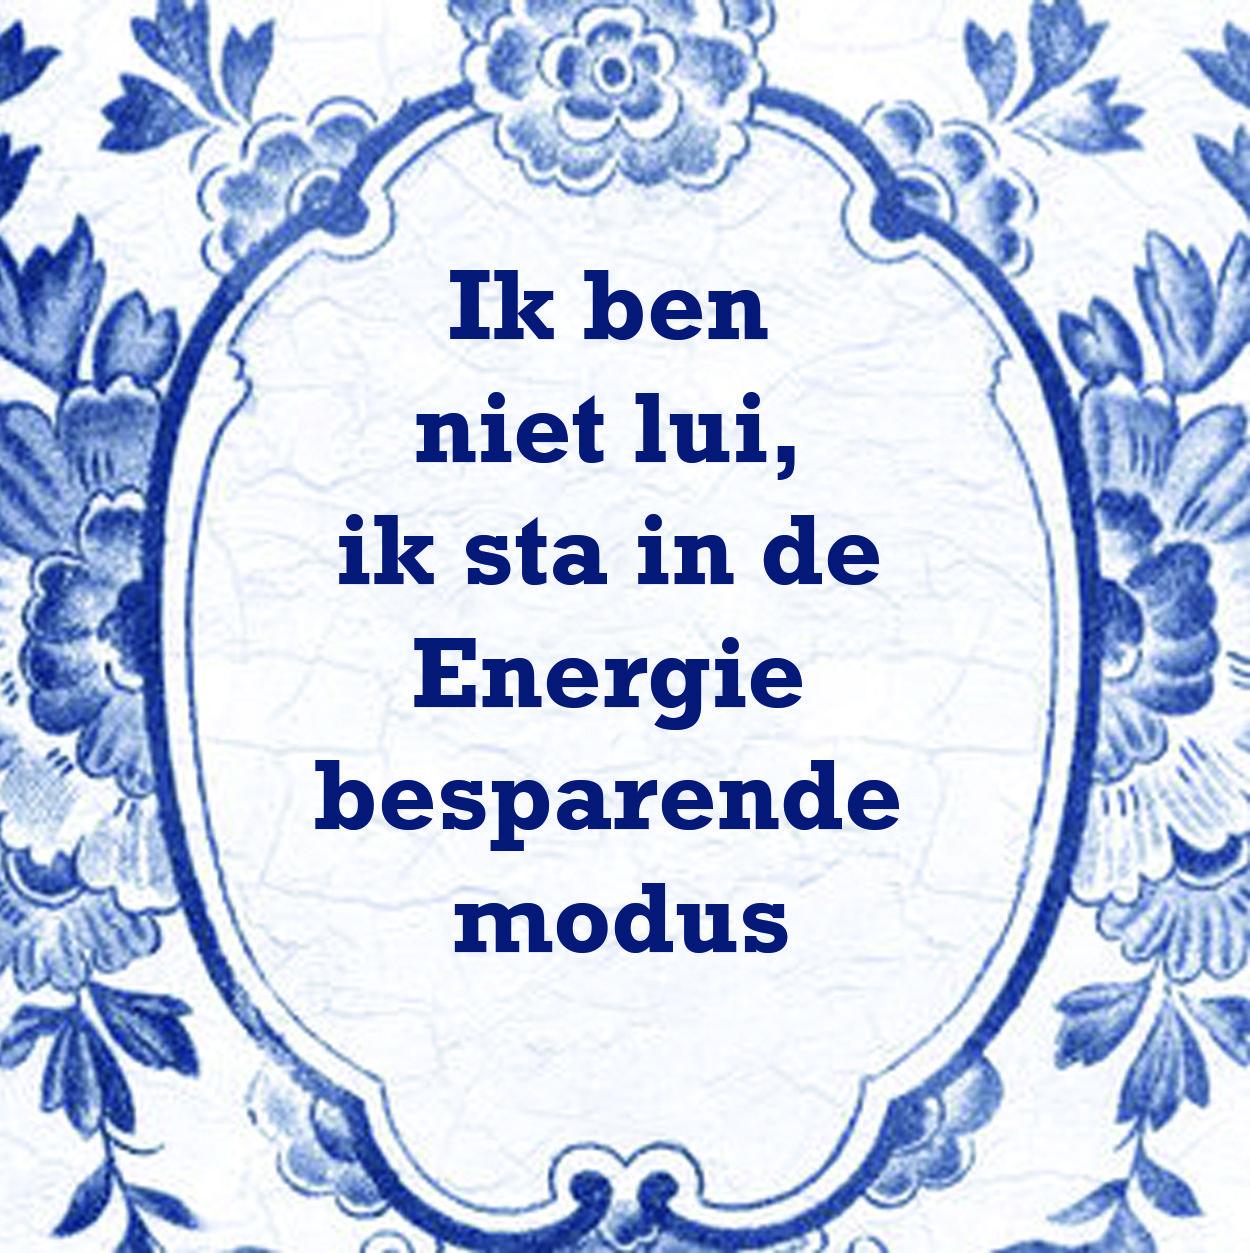 oud hollandse spreuken en wijsheden Oud Hollandse wijsheden die bij iedereen op het toilet horen te  oud hollandse spreuken en wijsheden